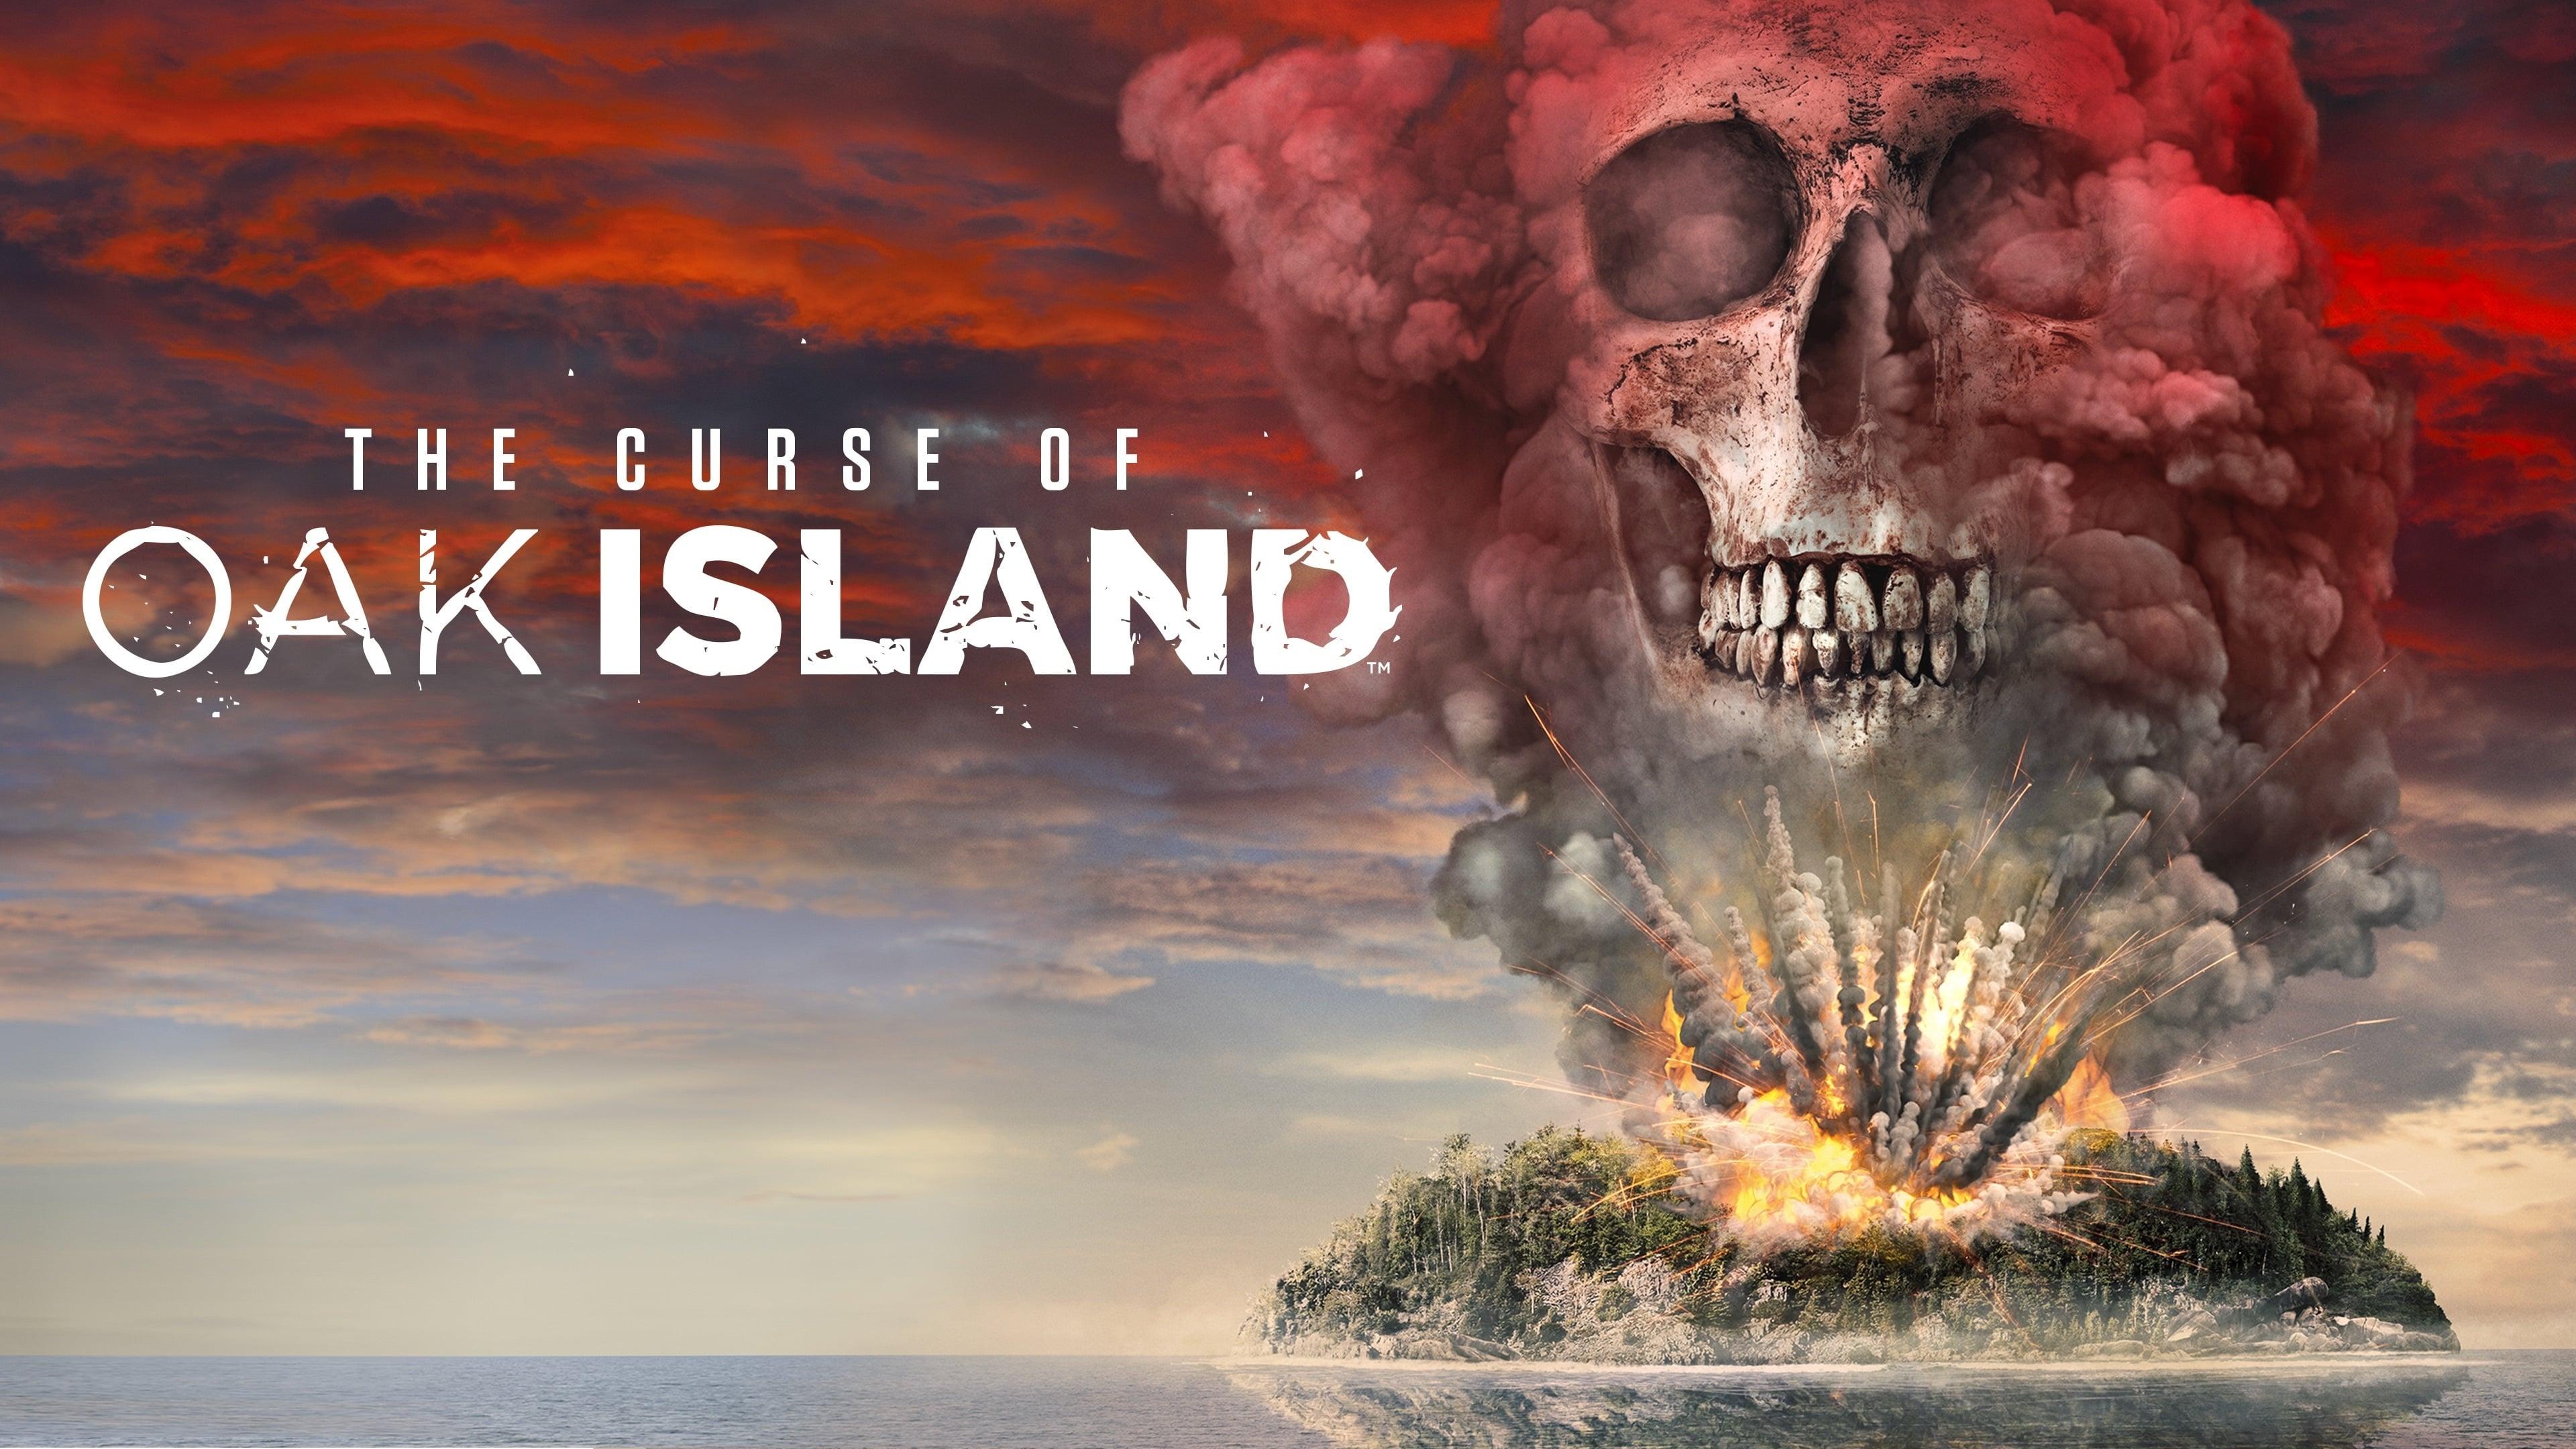 The Curse of Oak Island - Specials